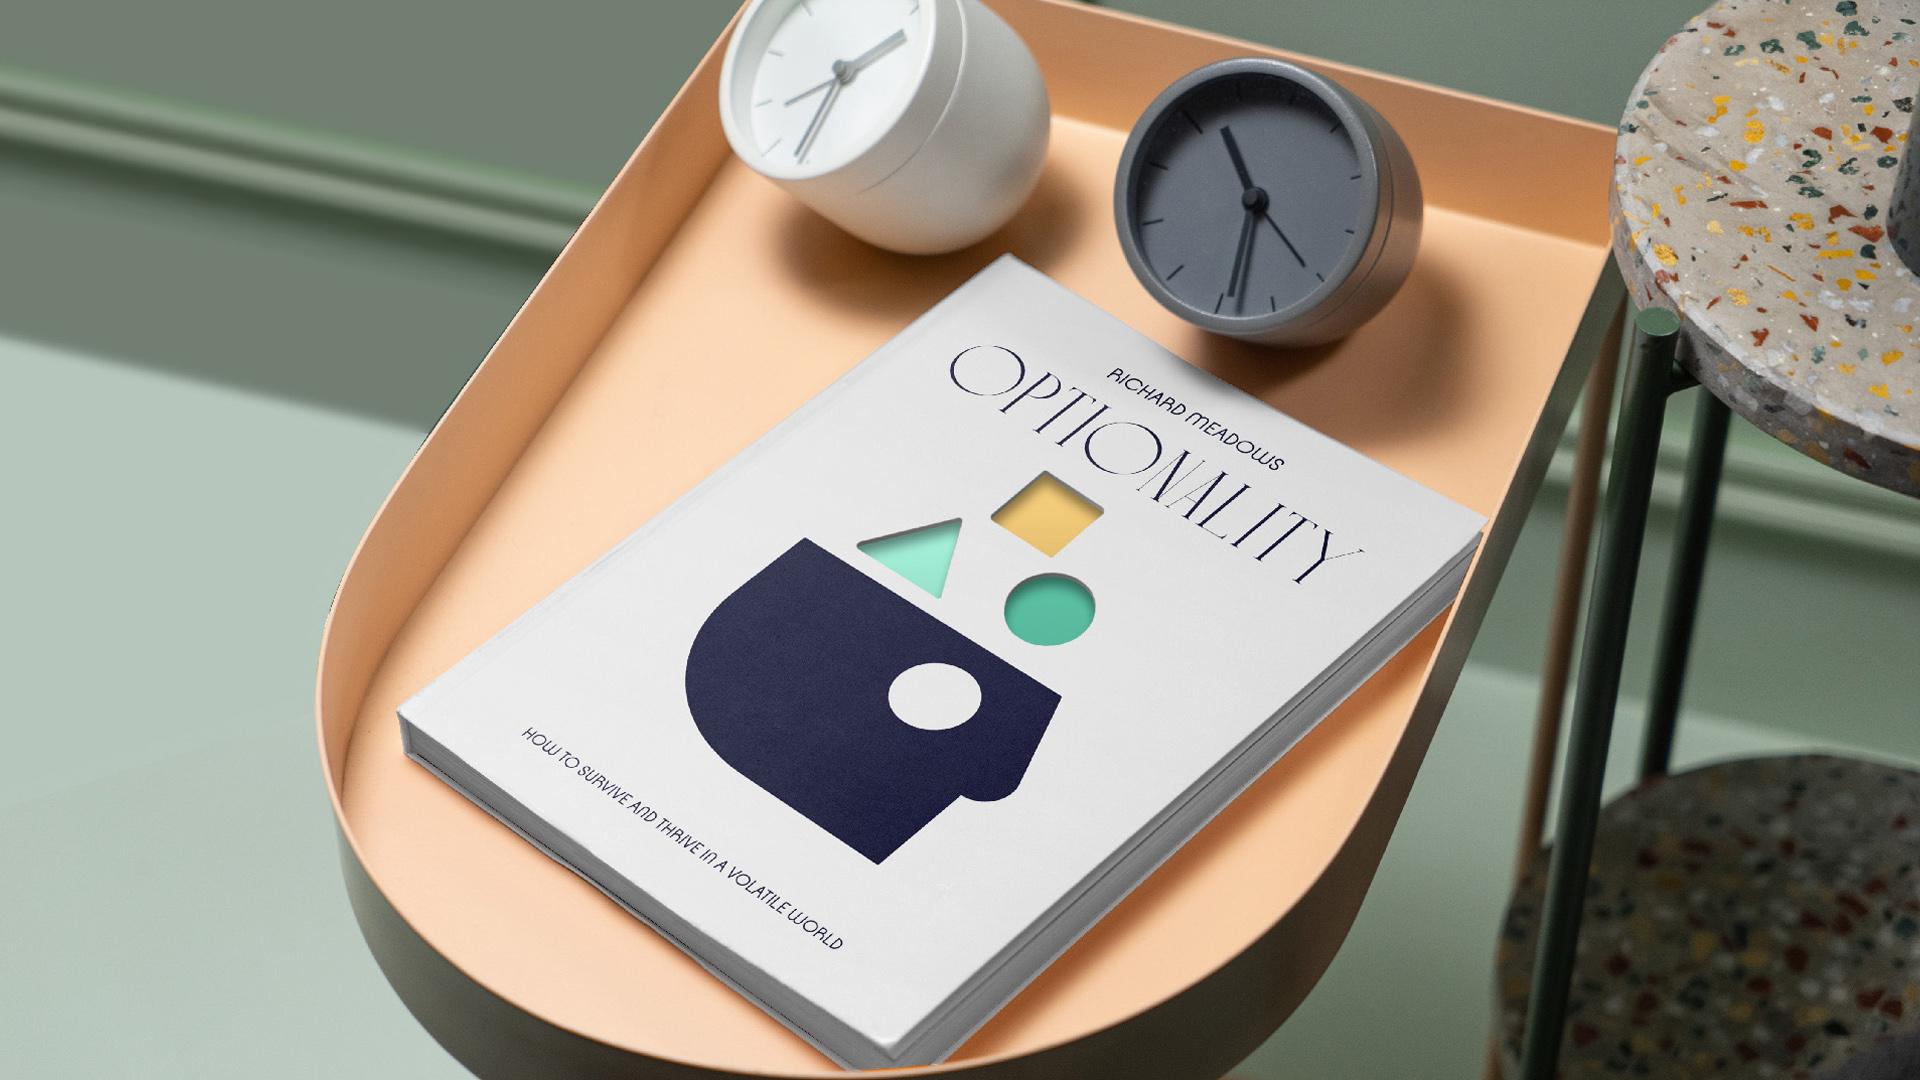 Diseño editorial y de marcas